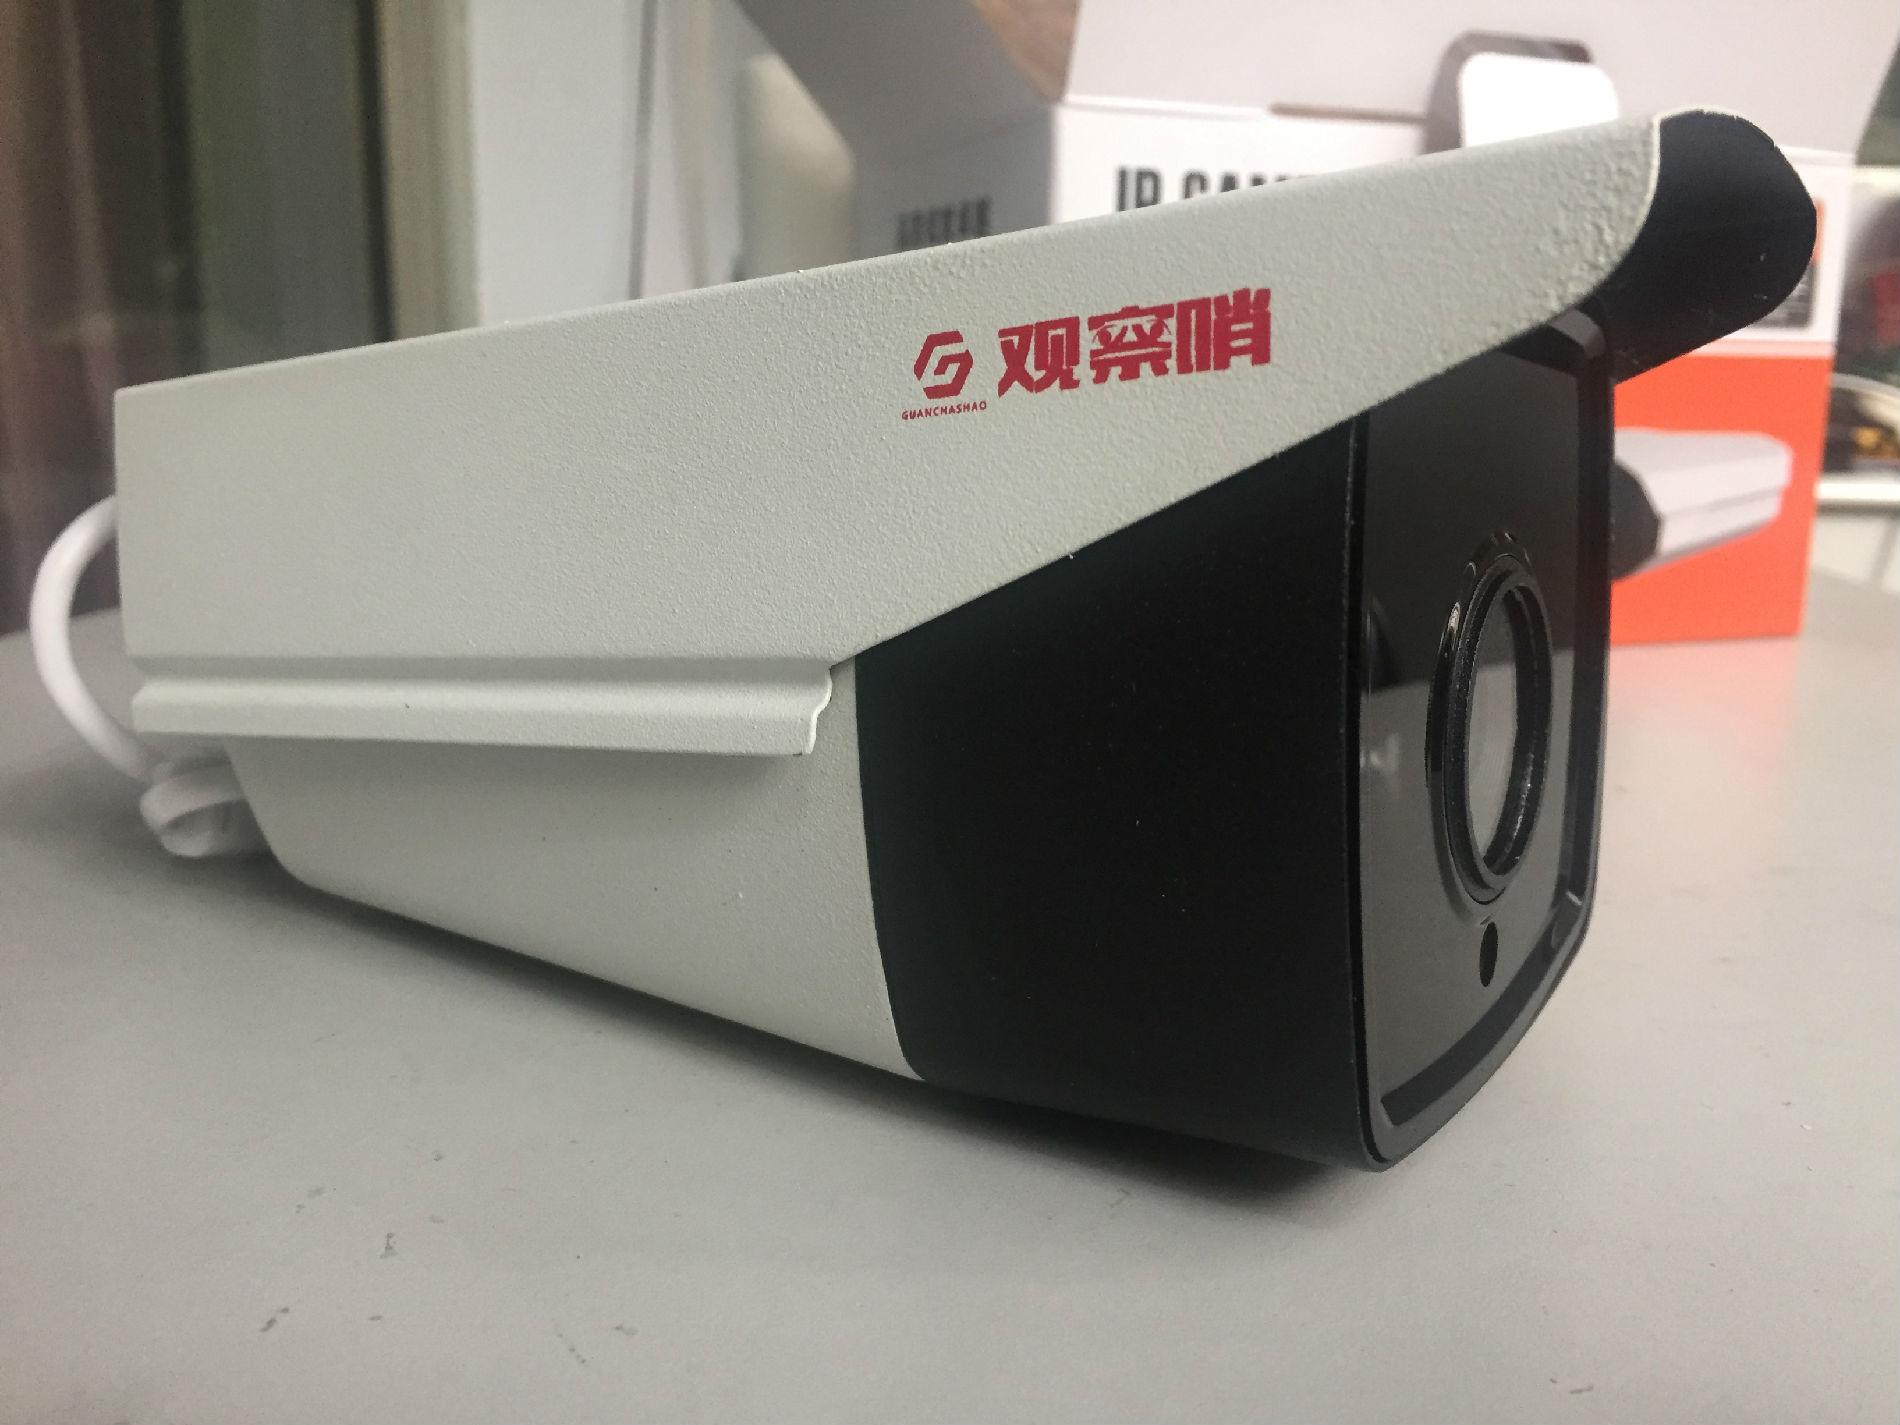 供应 观察哨H.265+ 200万高清摄像机